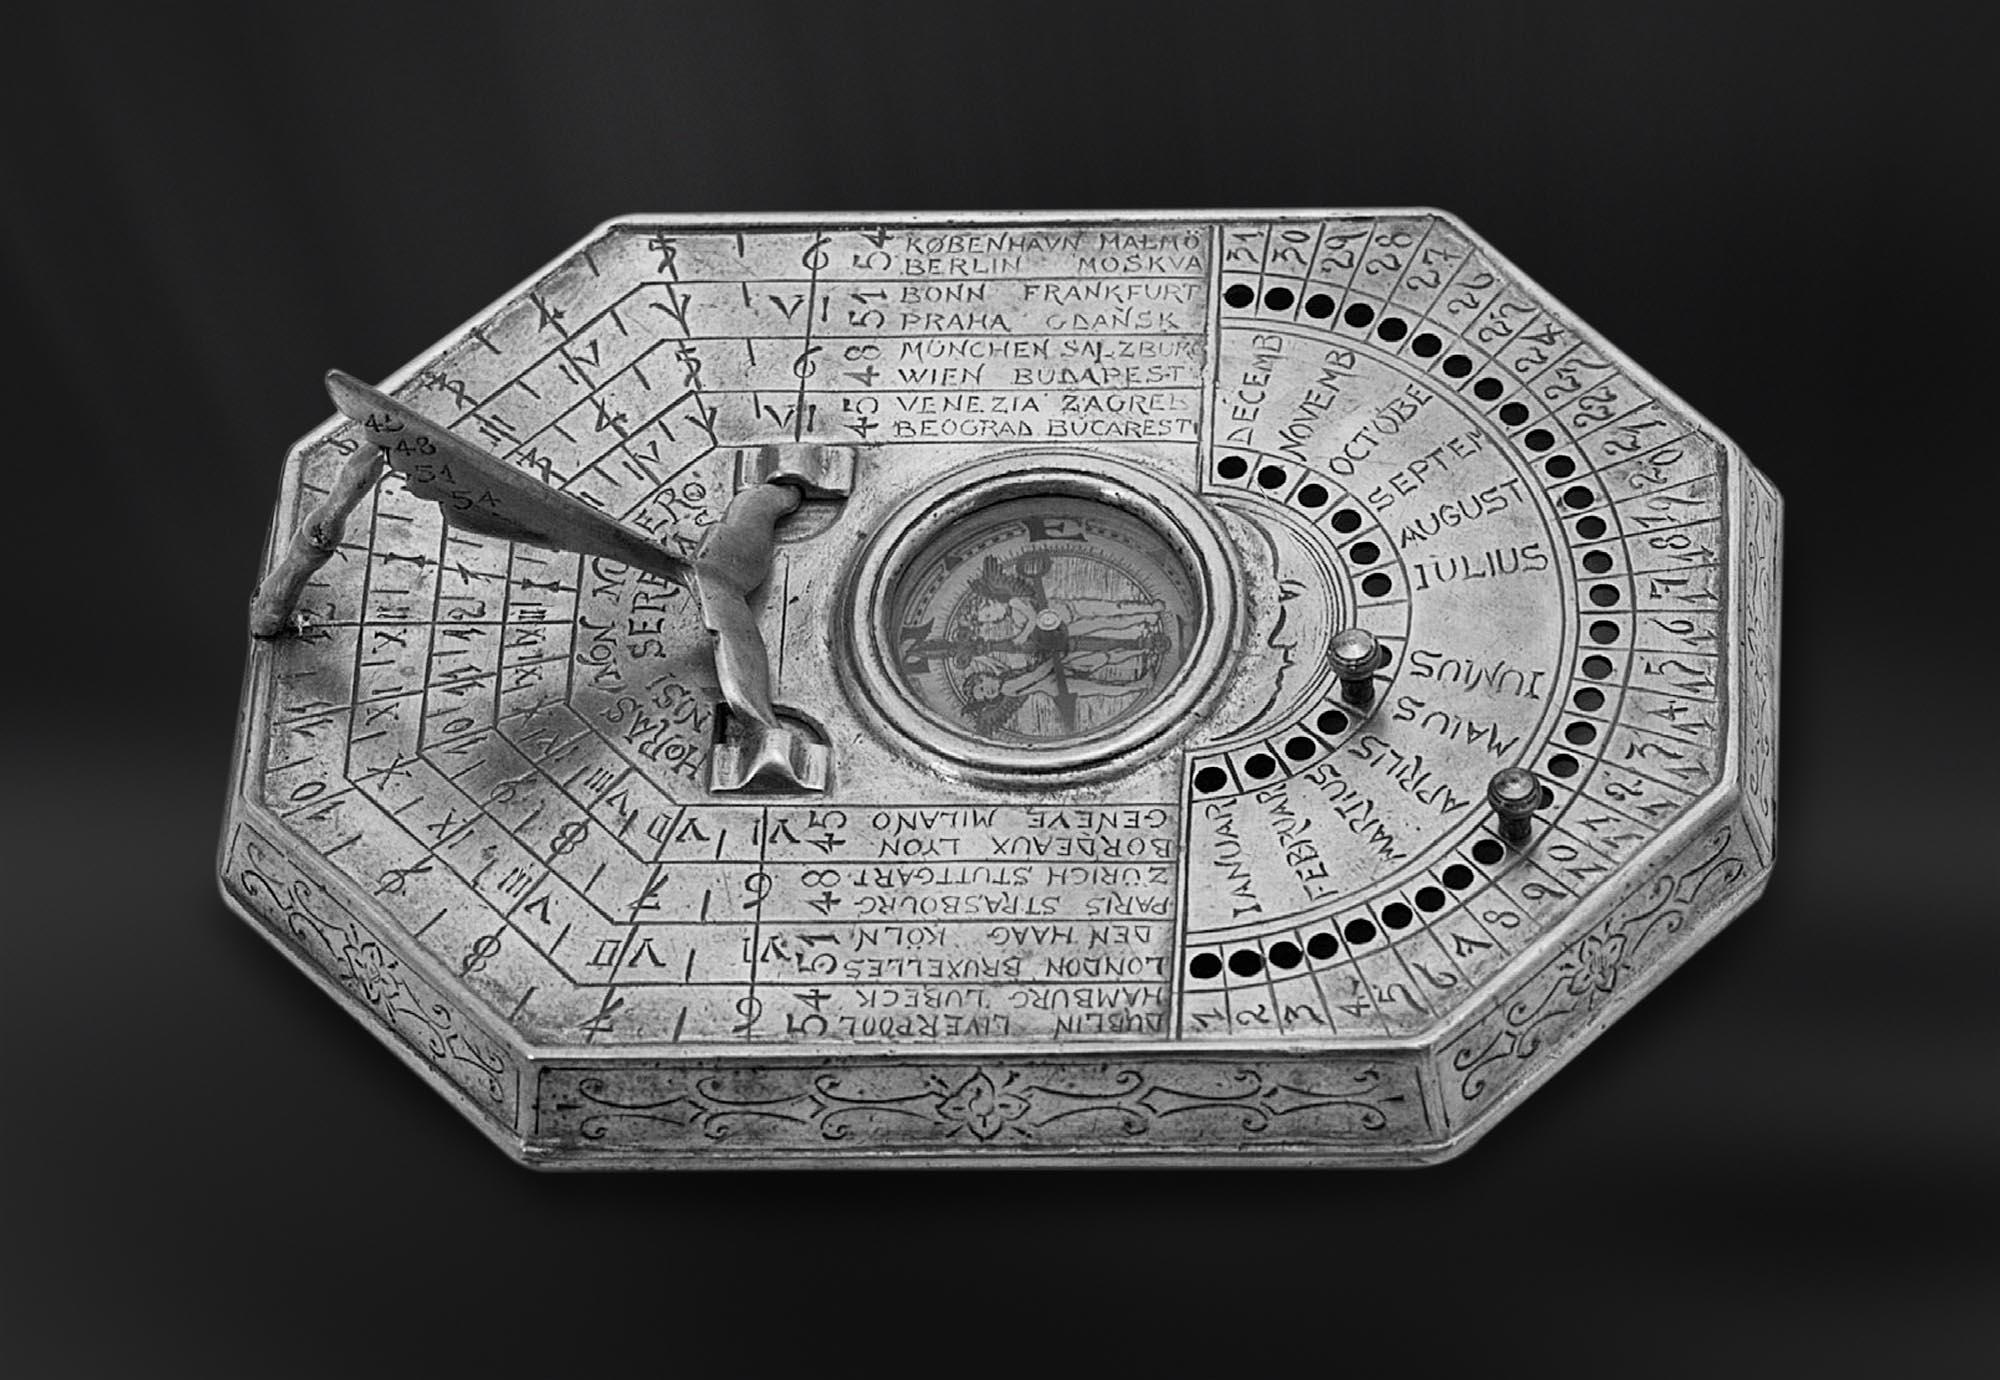 HORLOGE etain antique